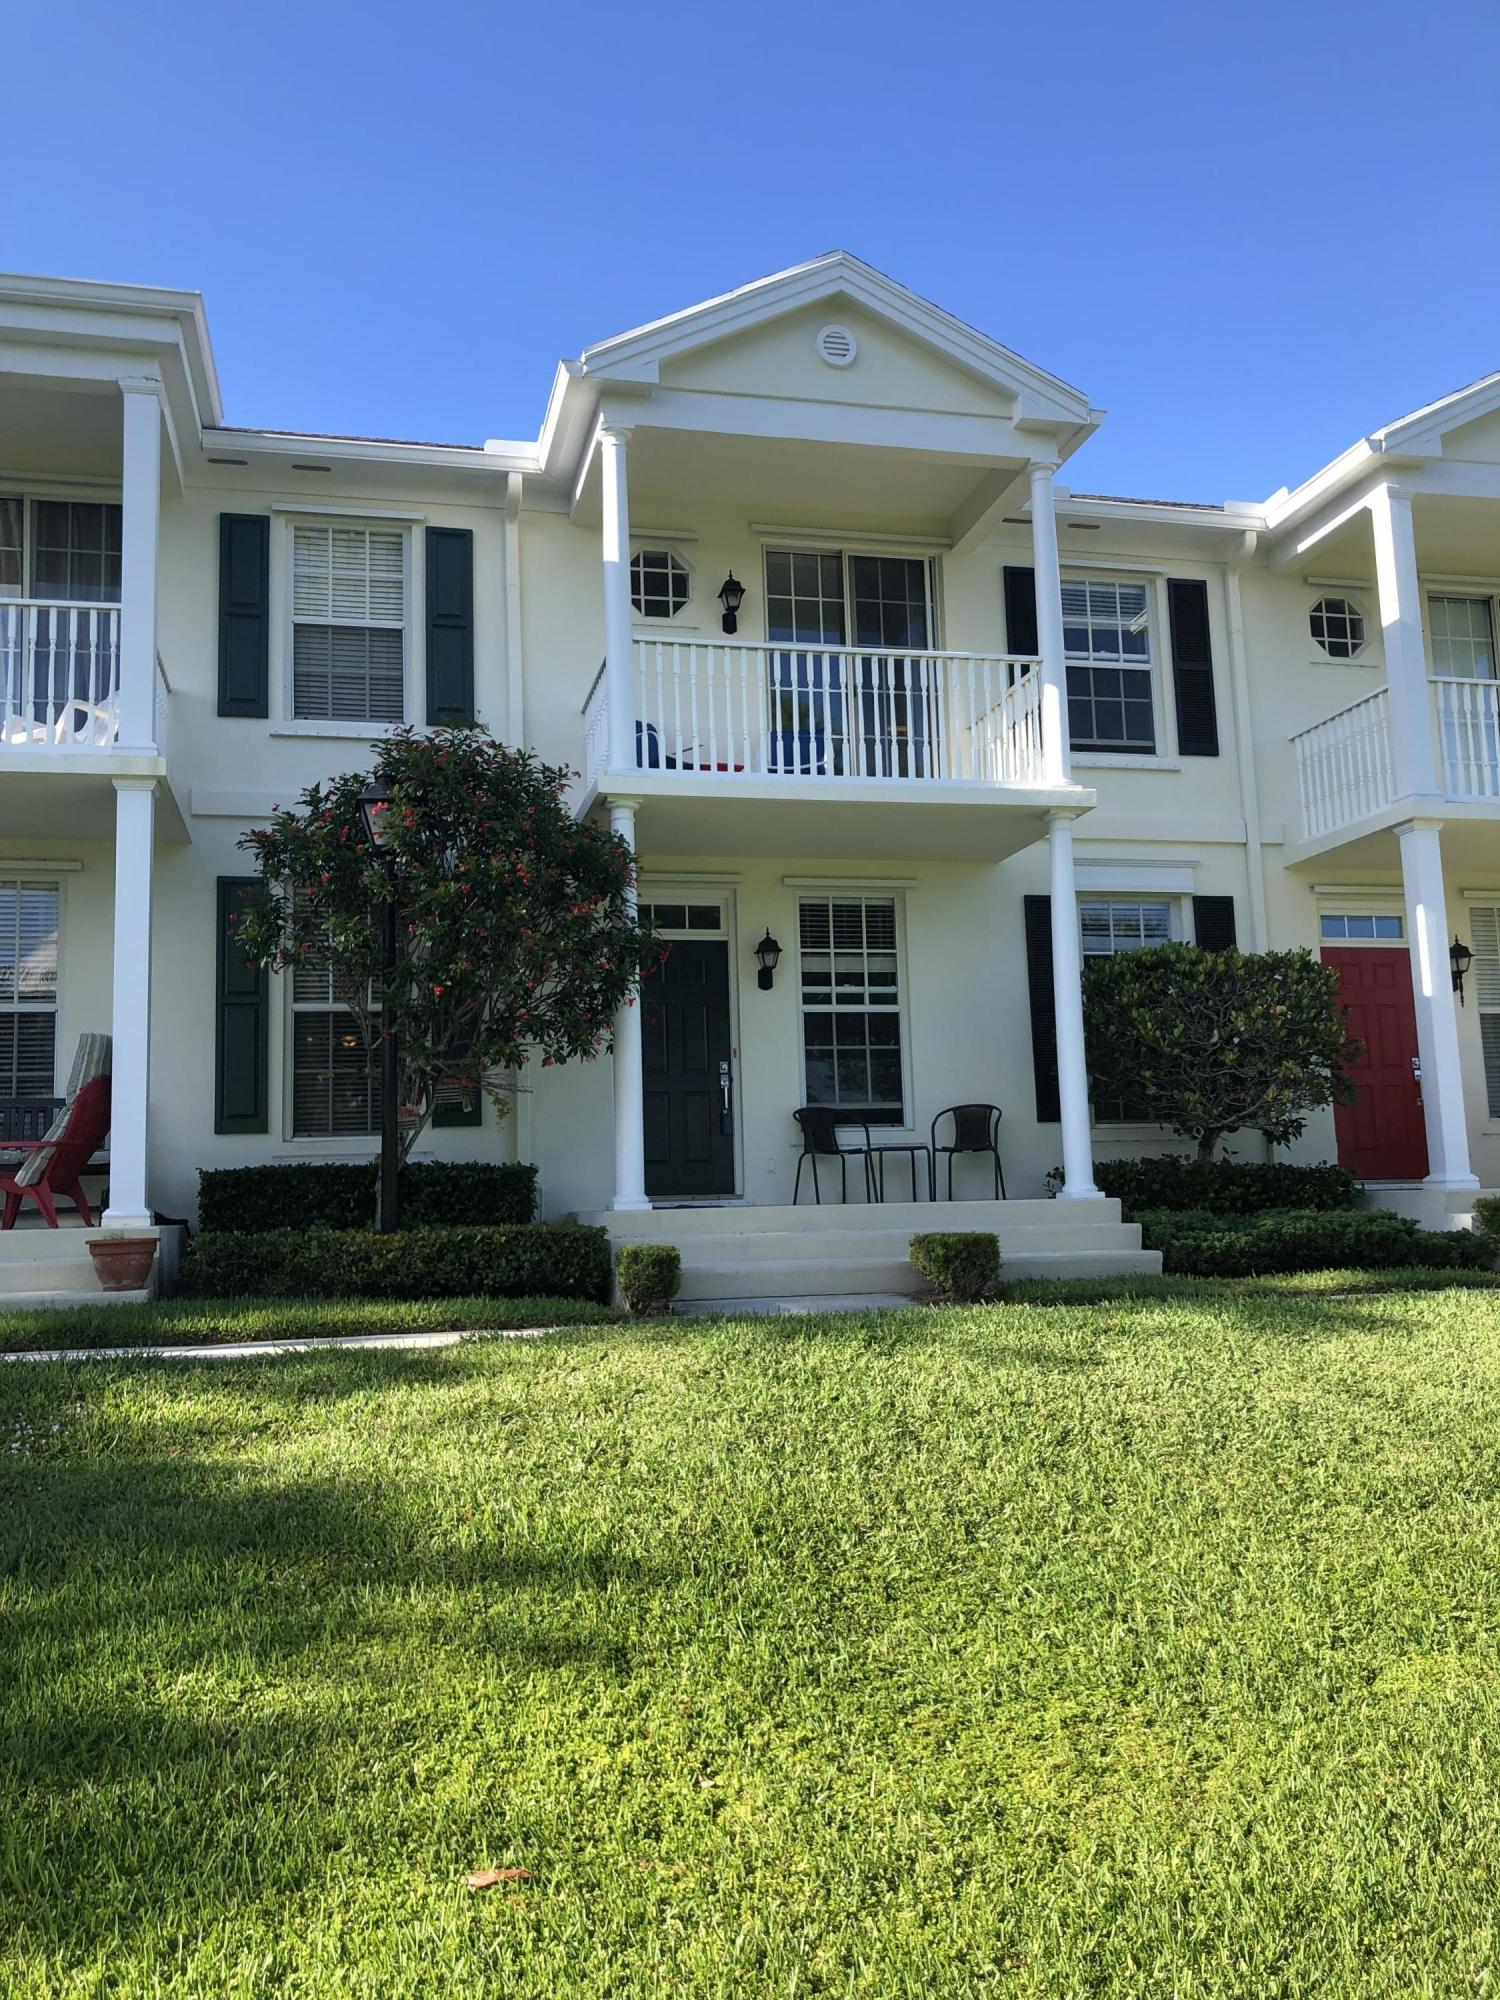 126 Radcliffe Court, Jupiter, Florida 33458, 3 Bedrooms Bedrooms, ,2.1 BathroomsBathrooms,F,Townhouse,Radcliffe,RX-10524098